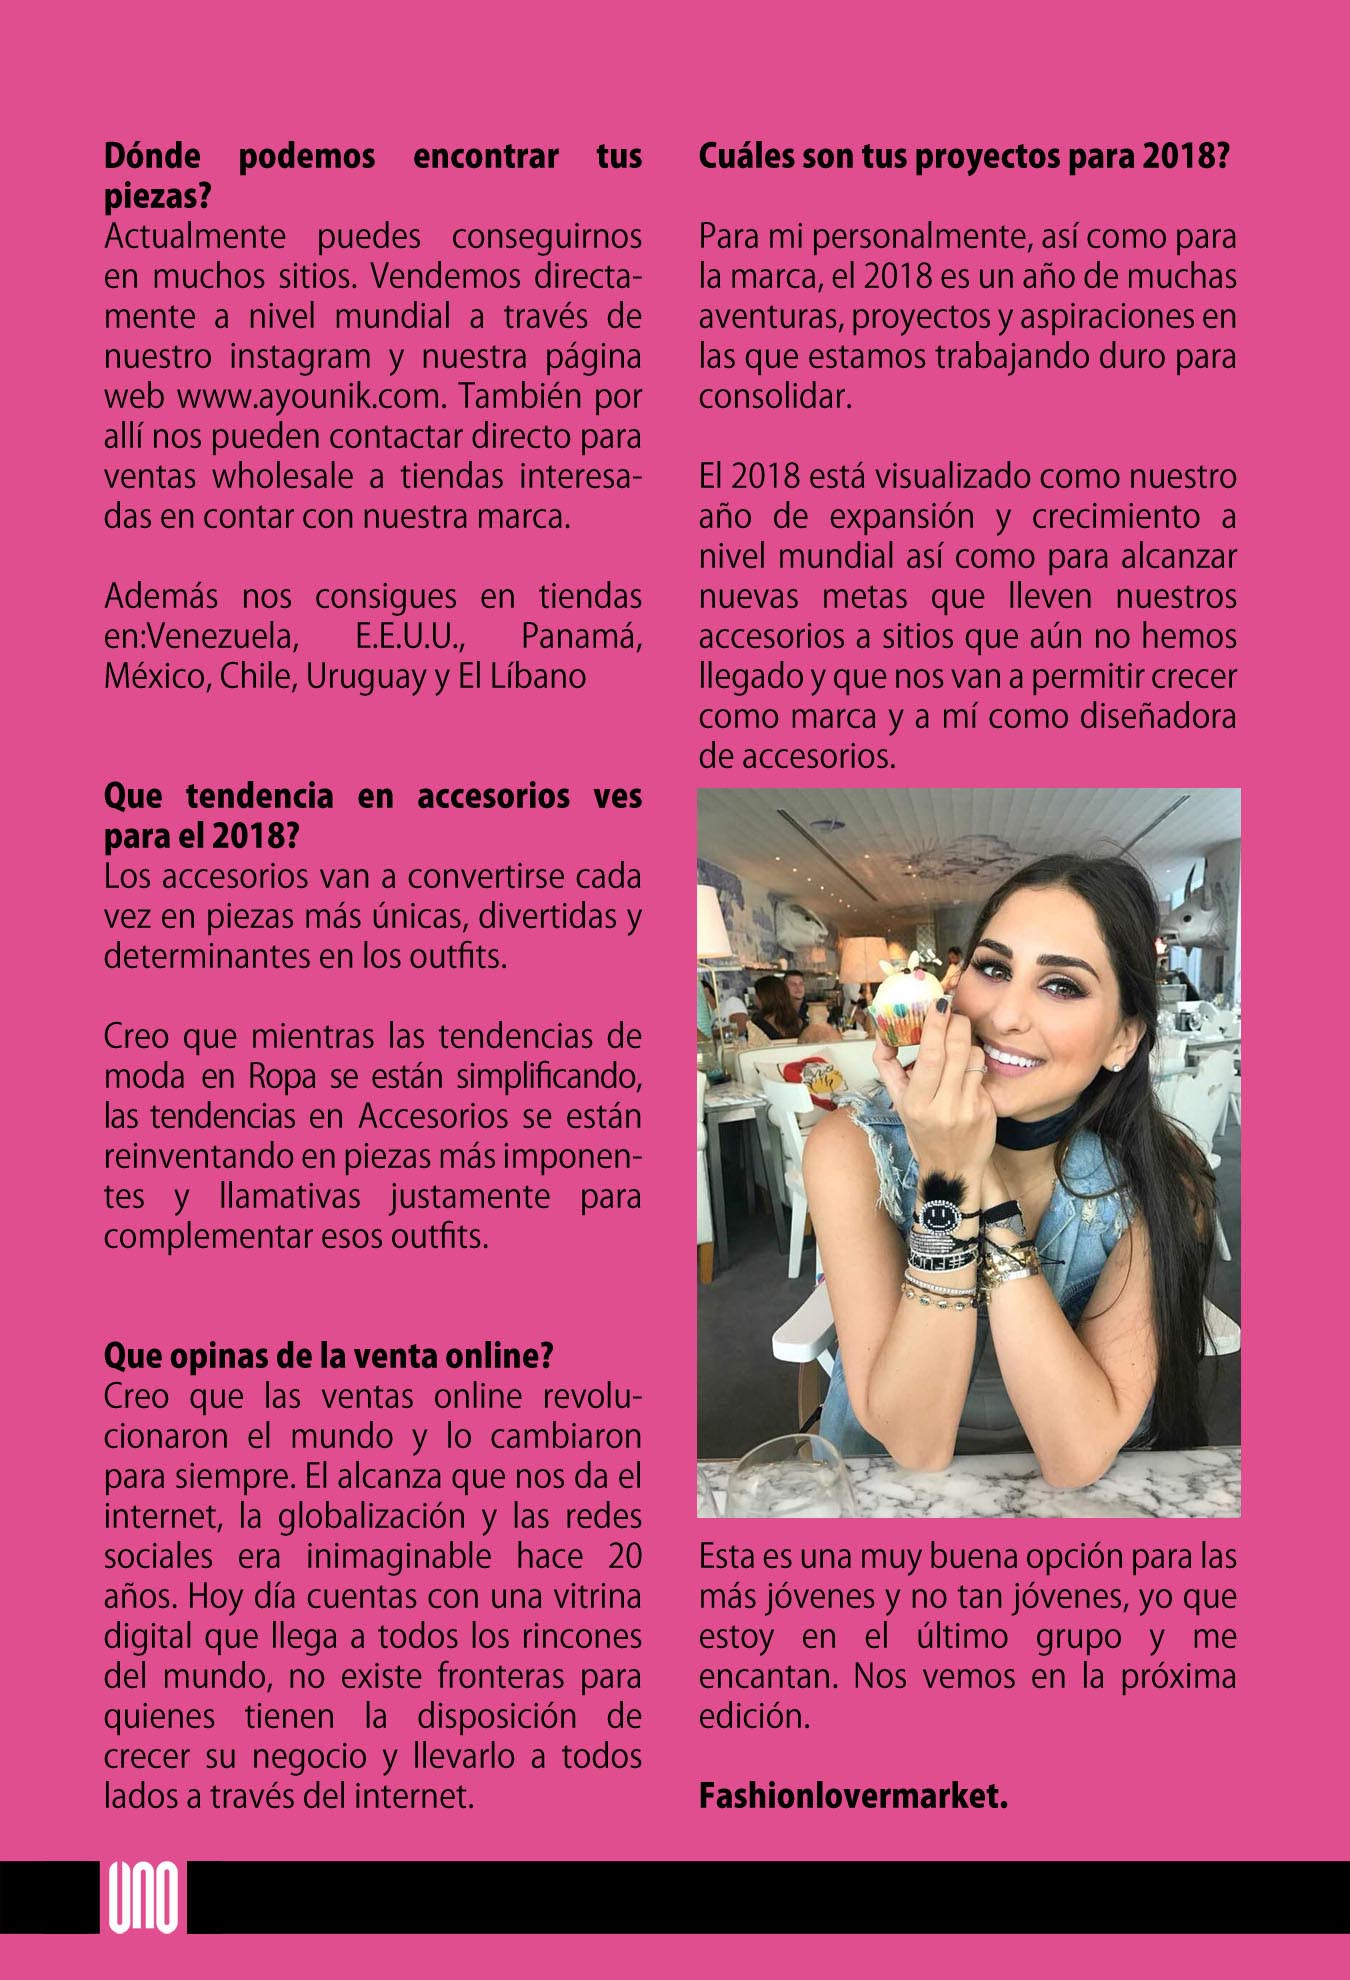 FASHION LOVER MARKET MAGAZINE, DEC 2017 2/2